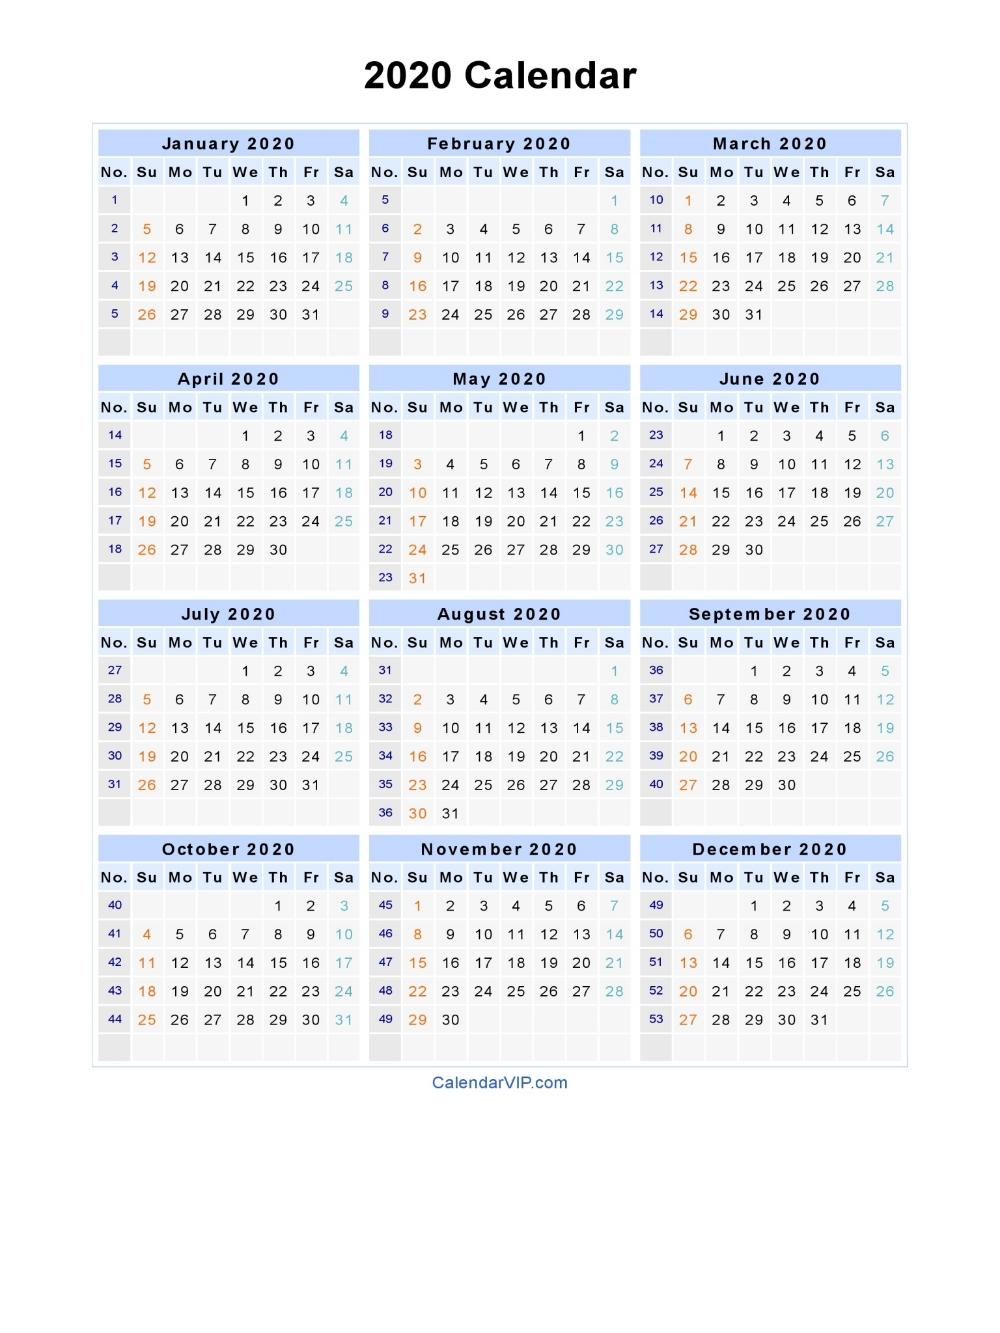 2020 Calendar Blank Printable Calendar Template In Pdf Word Excel 2020 Cale Printable Calendar Word Monthly Calendar Template Blank Monthly Calendar Template